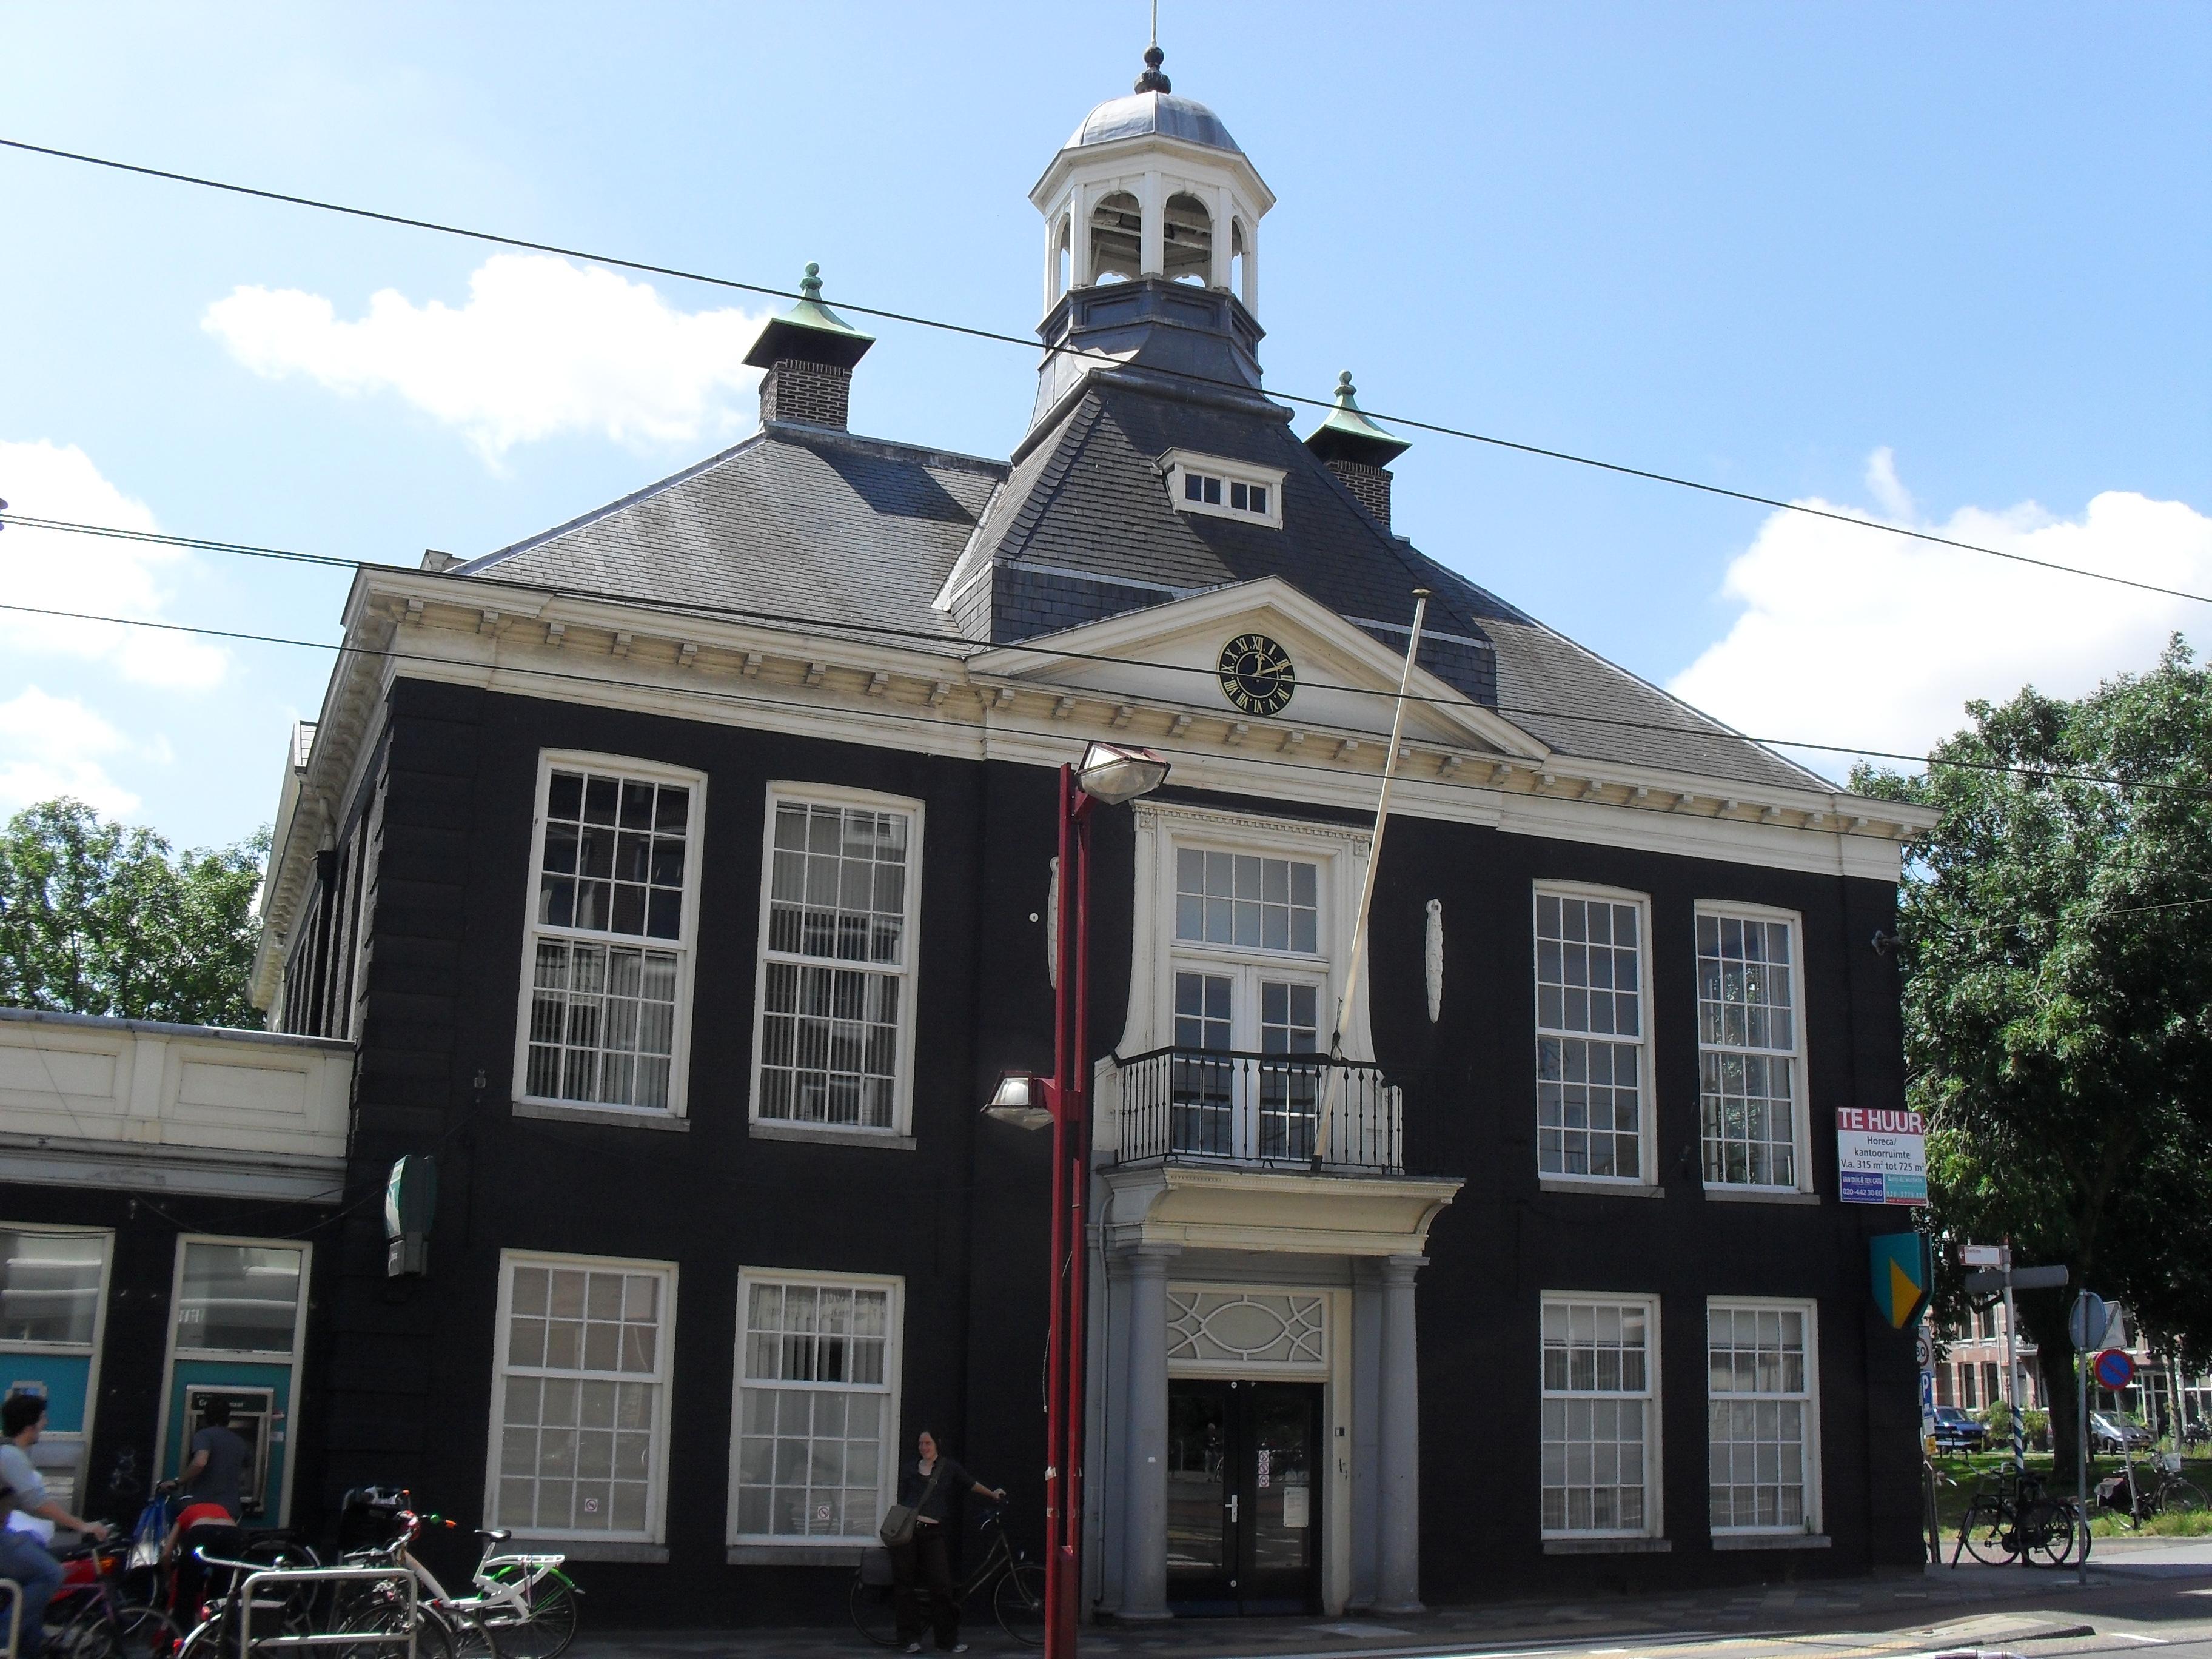 Rechthuis watergraafsmeer in amsterdam monument for Funda amsterdam watergraafsmeer